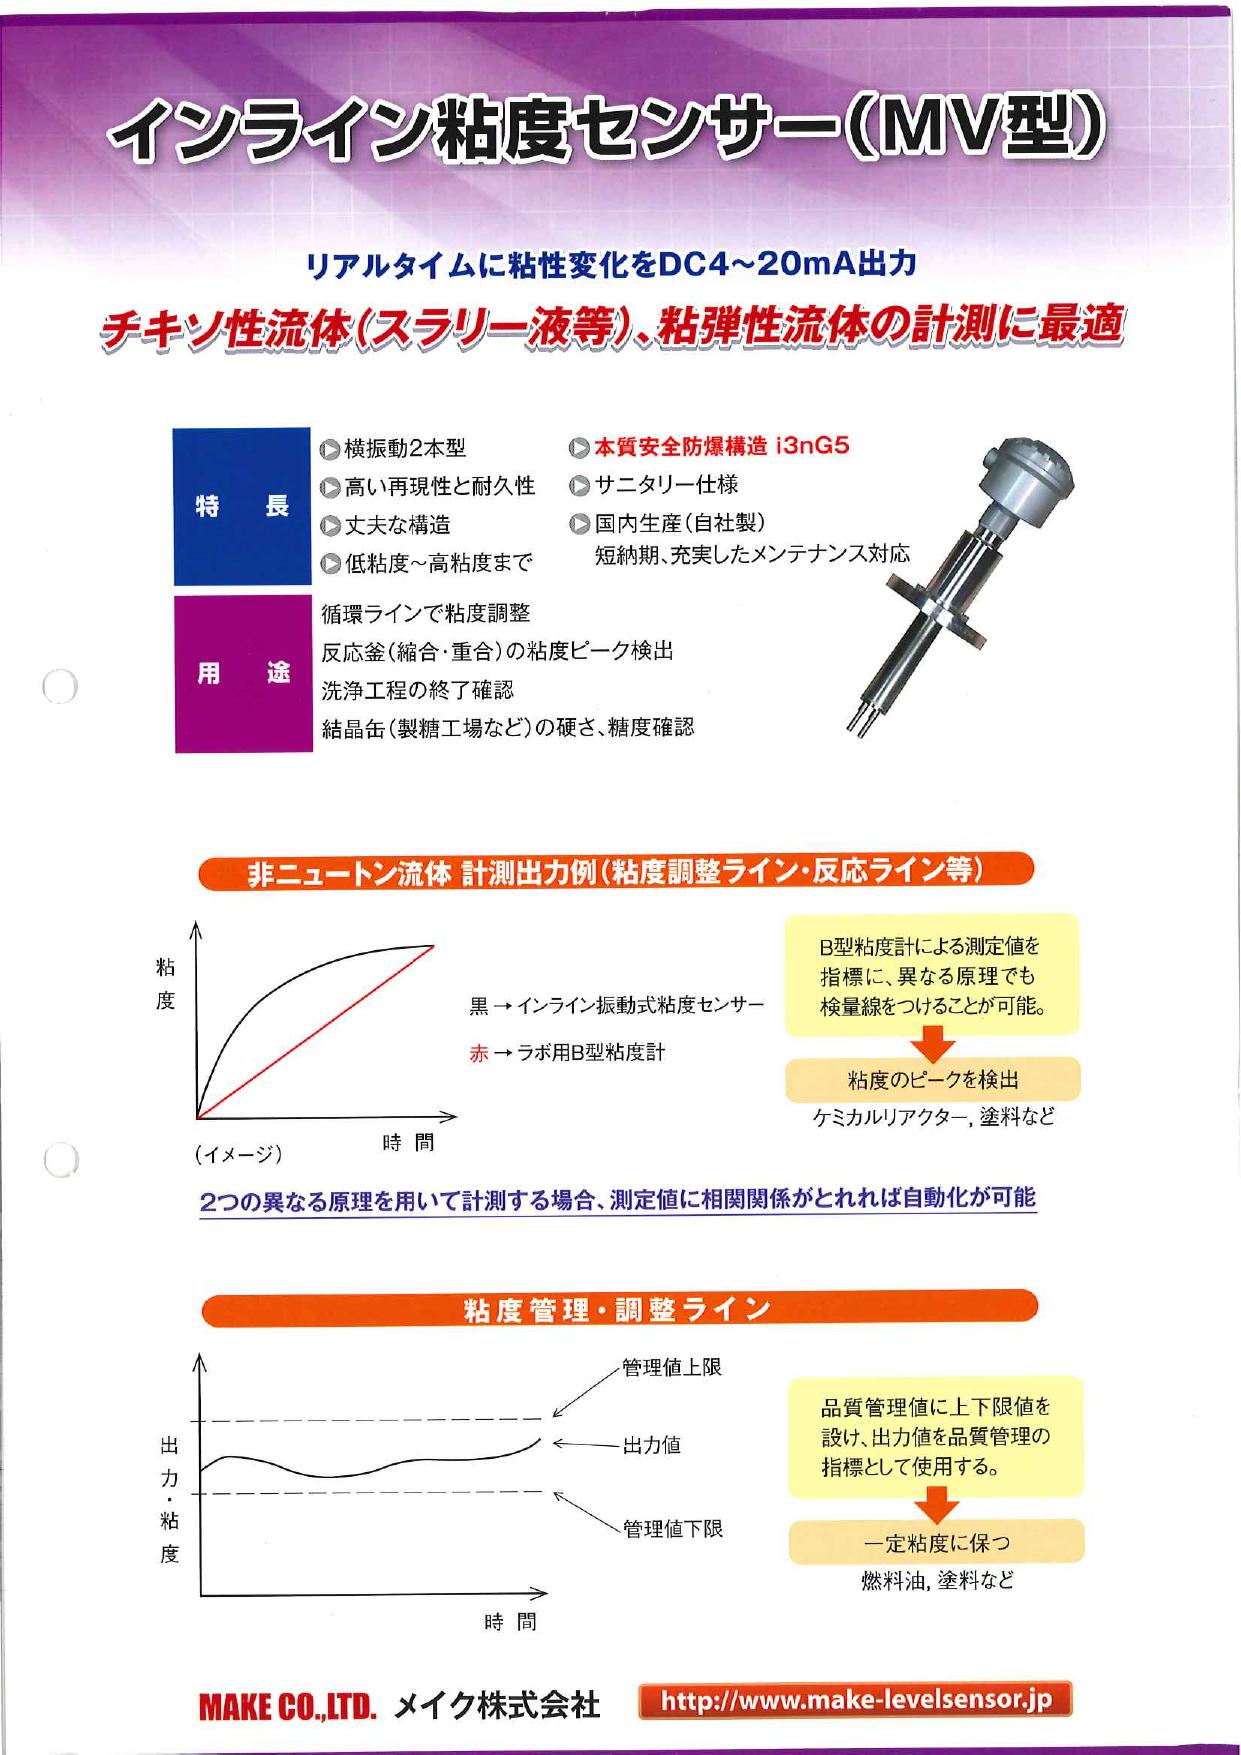 インライン粘度センサー MV型